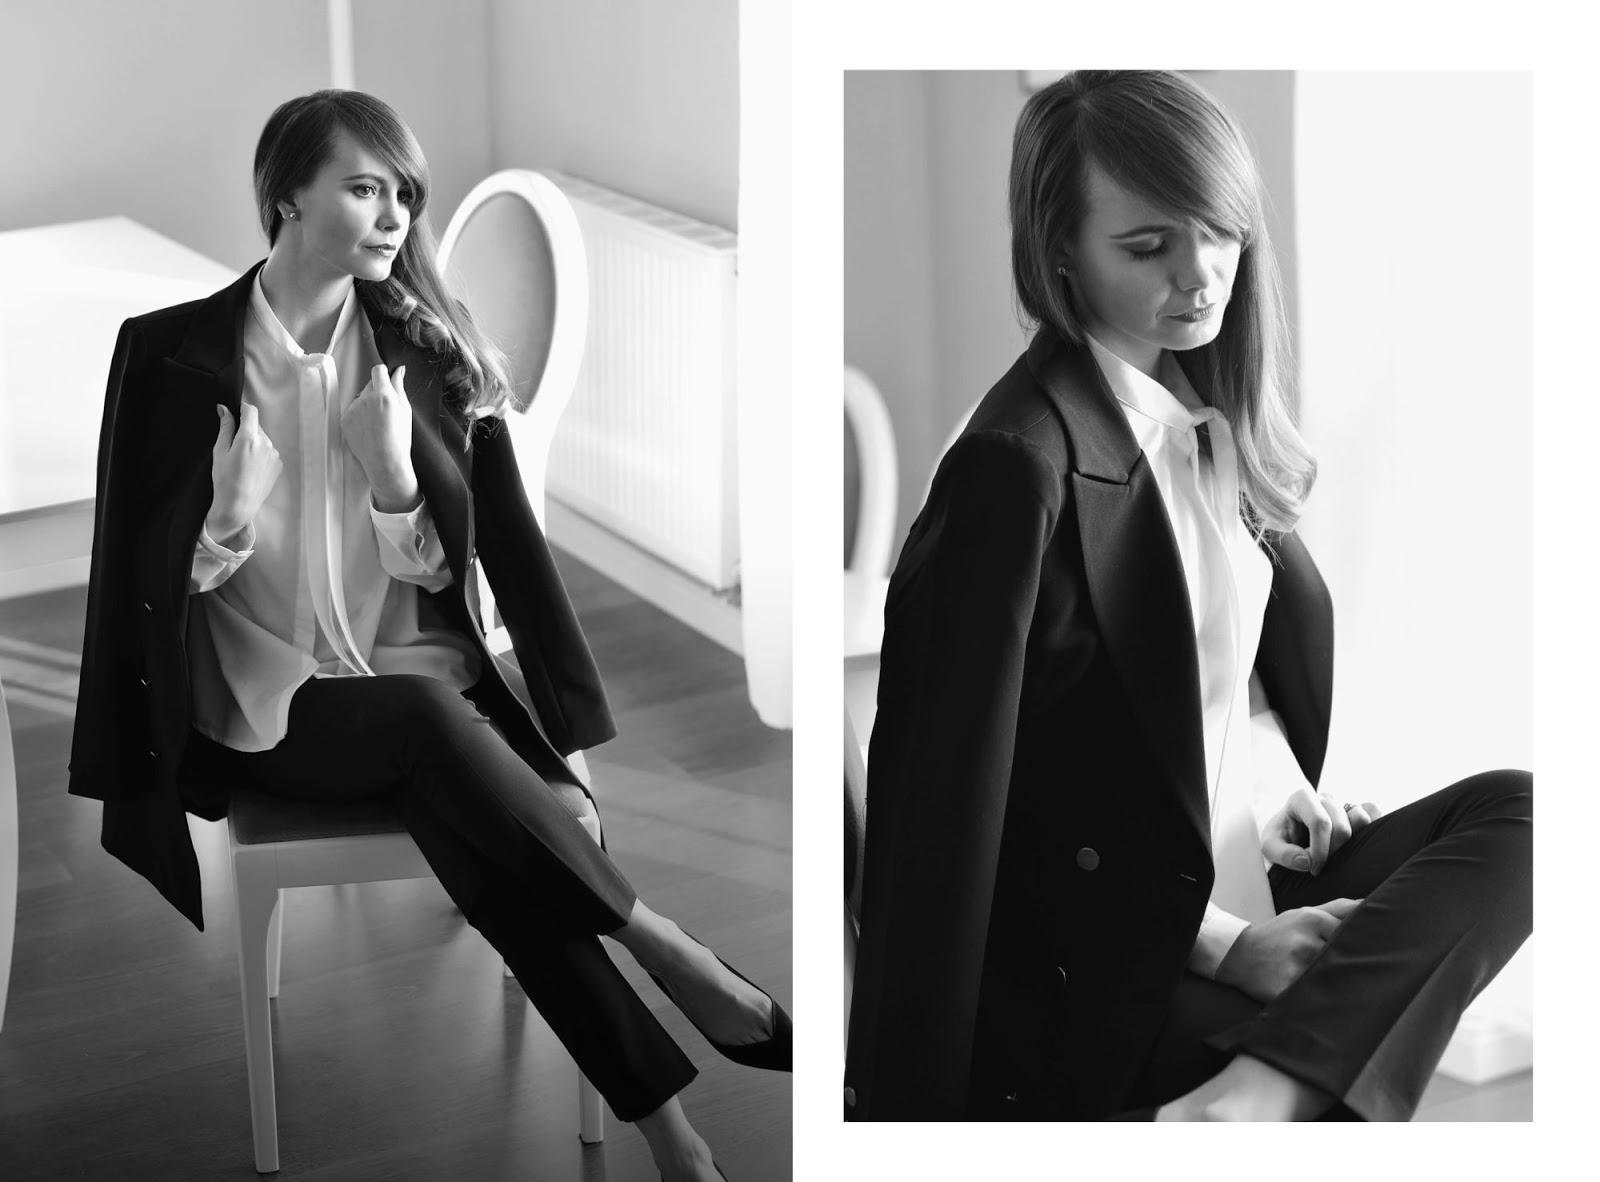 swiateczny ubior | klasyczna stylizacja | cammy blog | cammy dom